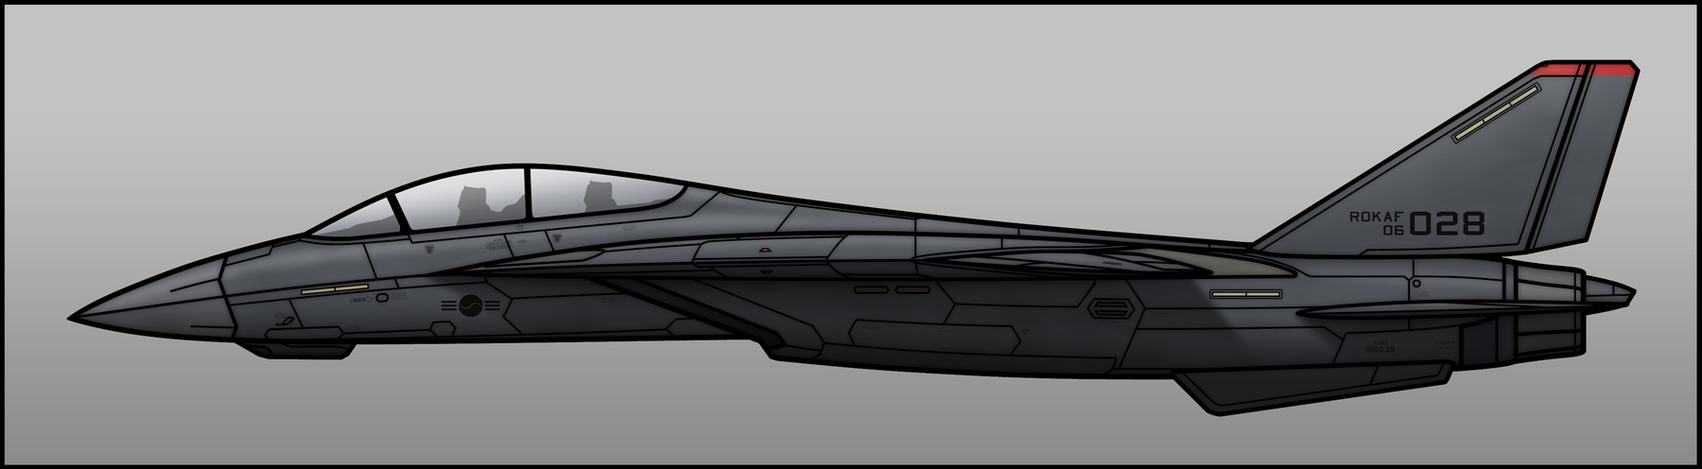 ROKAF F-28A by Jetfreak-7